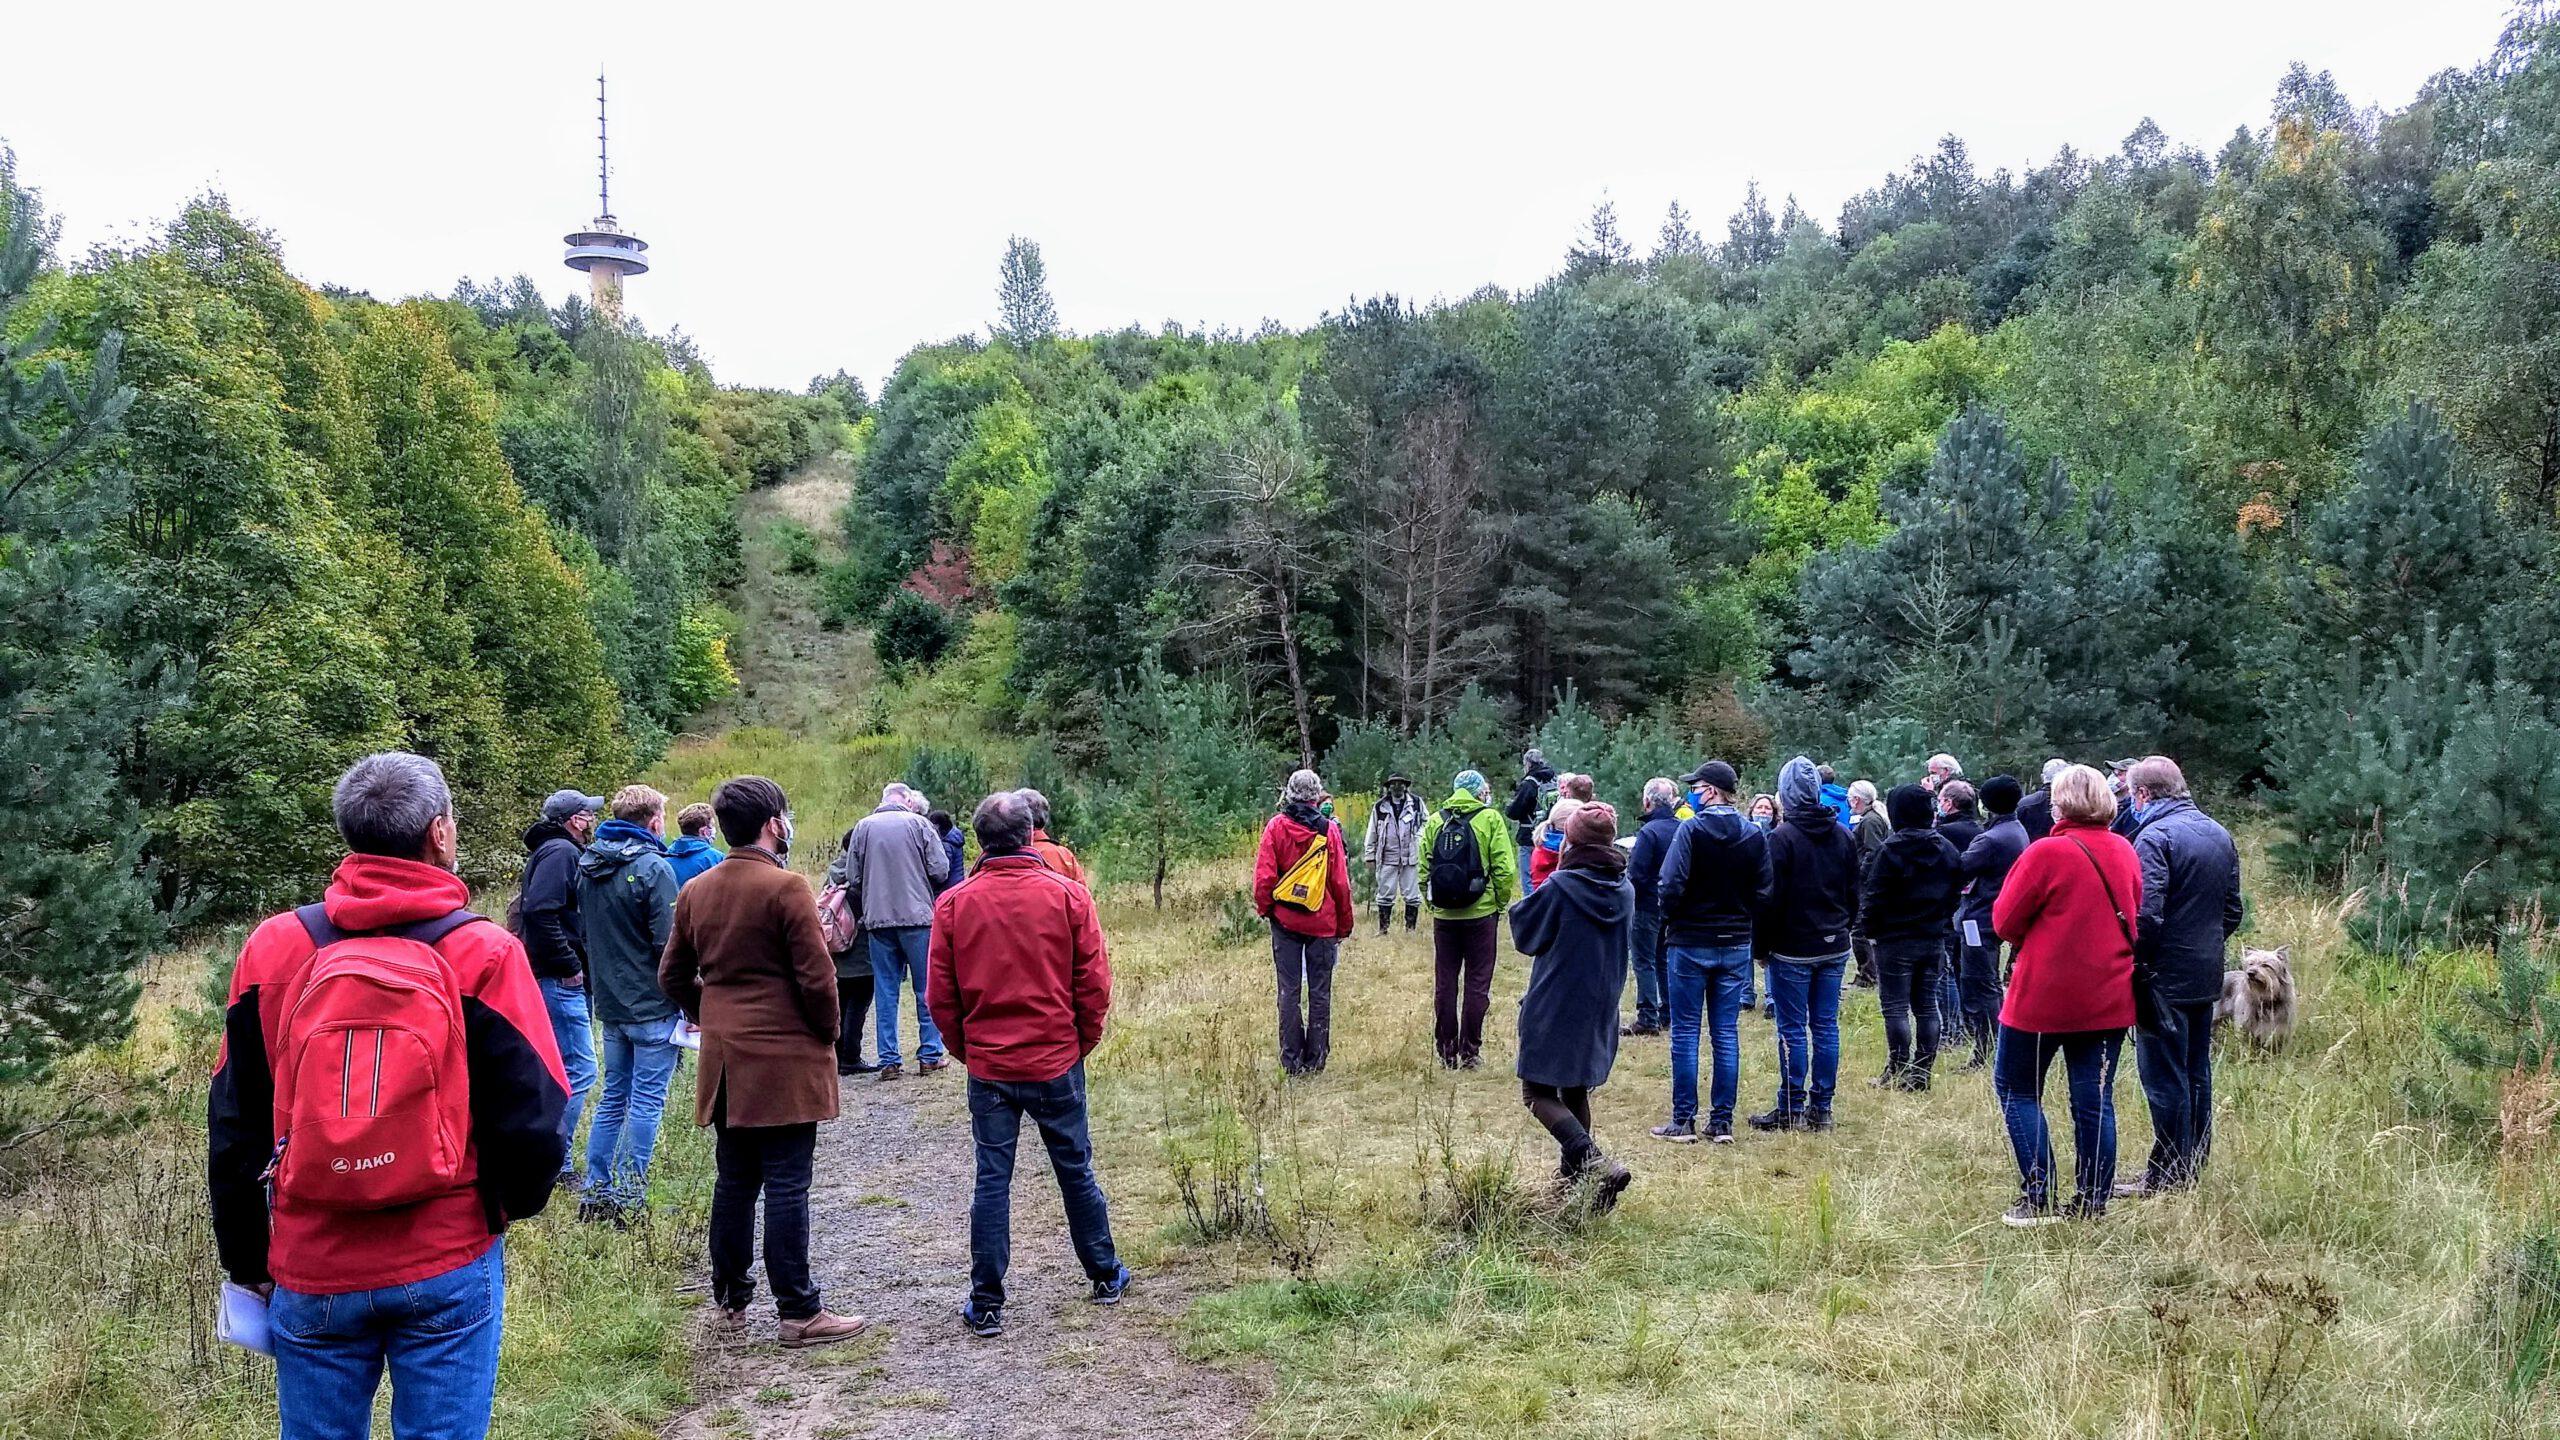 Sonntagsspaziergang am Hohen Hagen zum geplanten Seilrutschenpark am 27.09.2020